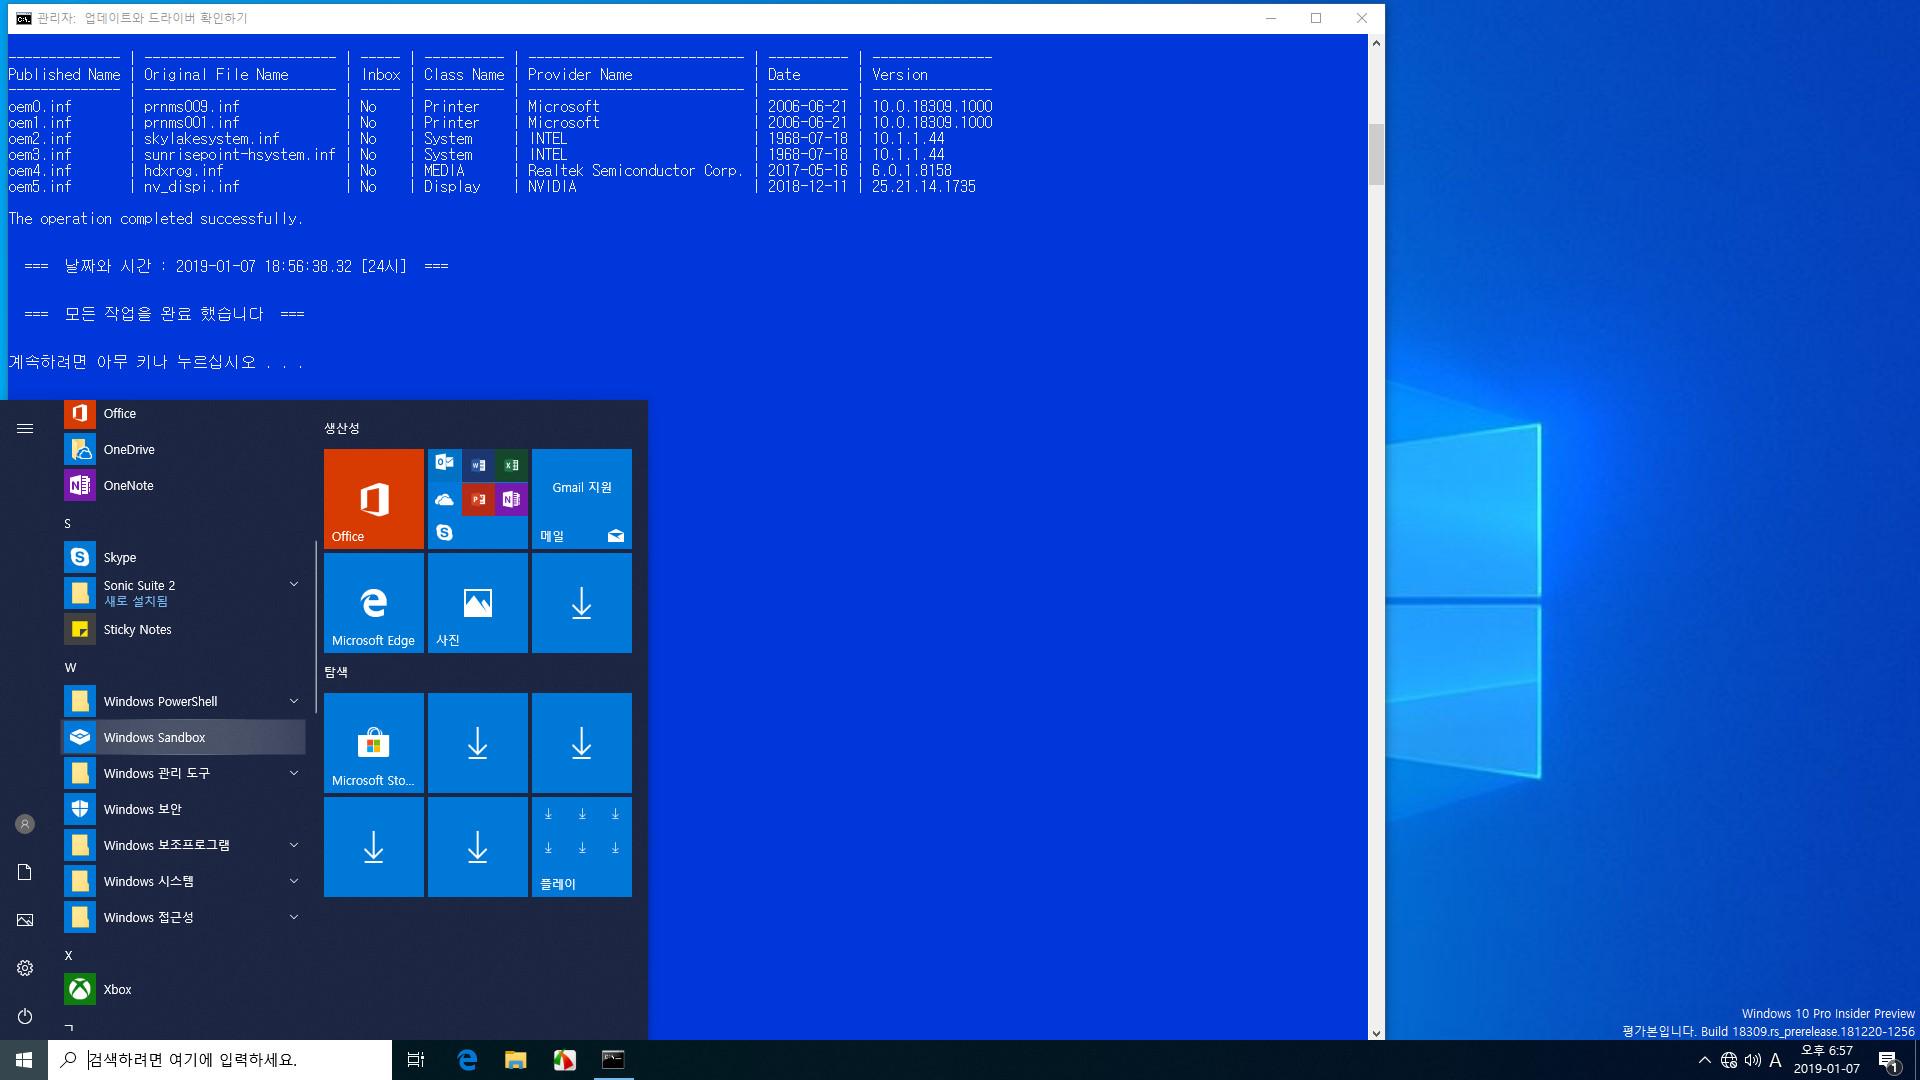 윈도10 19H1 인사이더 프리뷰 18309.1000 빌드 나왔네요 - 실컴에서 Windows Sandbox 테스트 - 어떤 드라이버가 충돌을 일으키는지 확인 테스트4 [윈도에 내장된 랜드라이버 제거] - 3번째 for 구문과 사용권한 획득으로 내장 랜 드라이버들 삭제 성공함 2019-01-07_185712.jpg